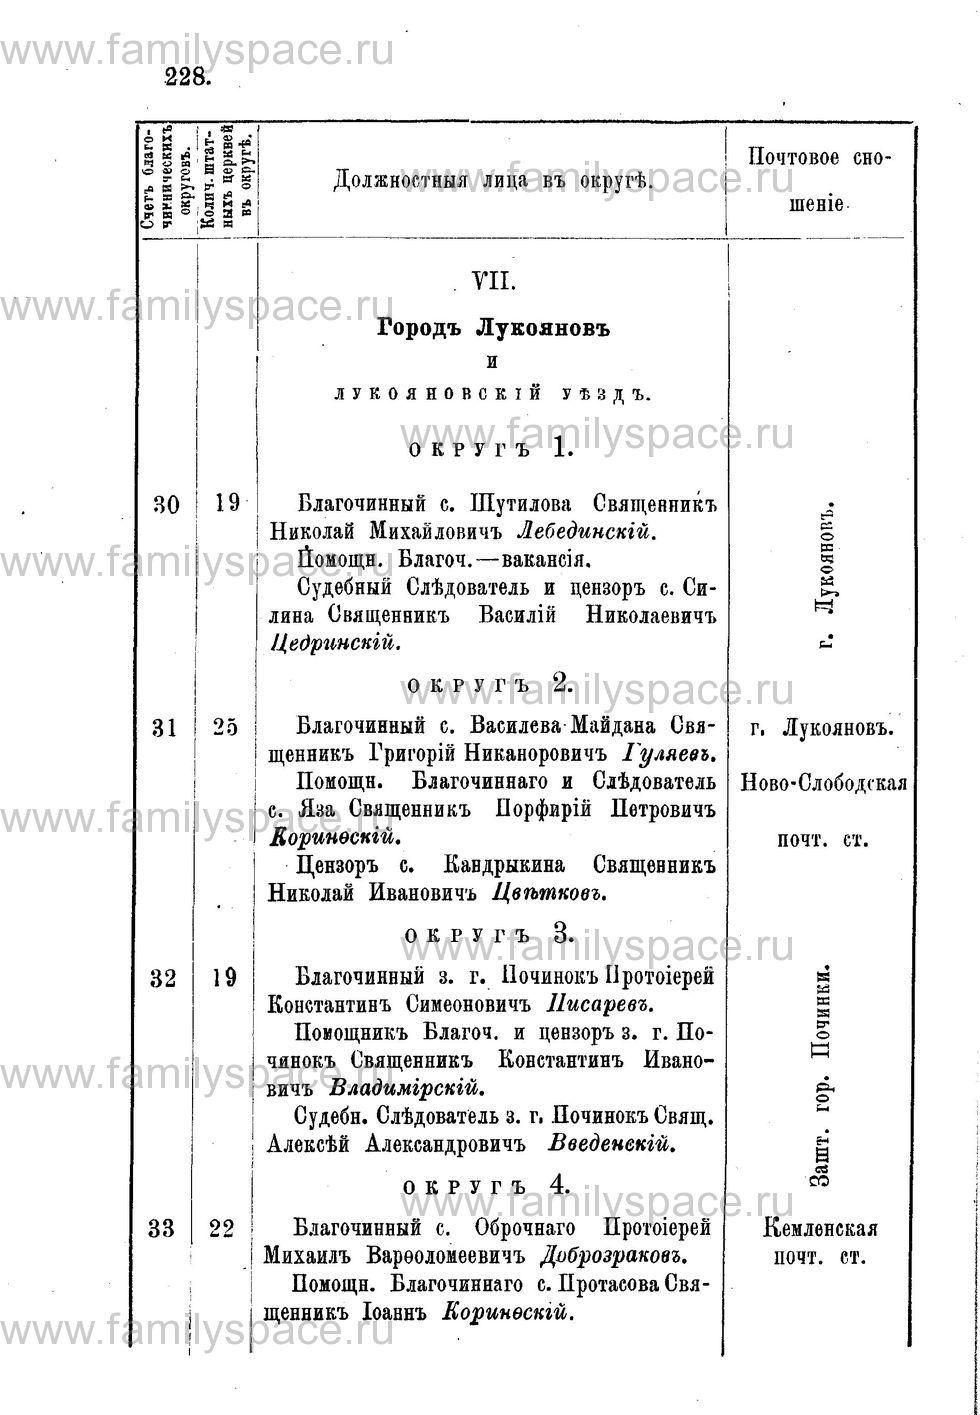 Поиск по фамилии - Адрес-календарь Нижегородской епархии на 1888 год, страница 1228